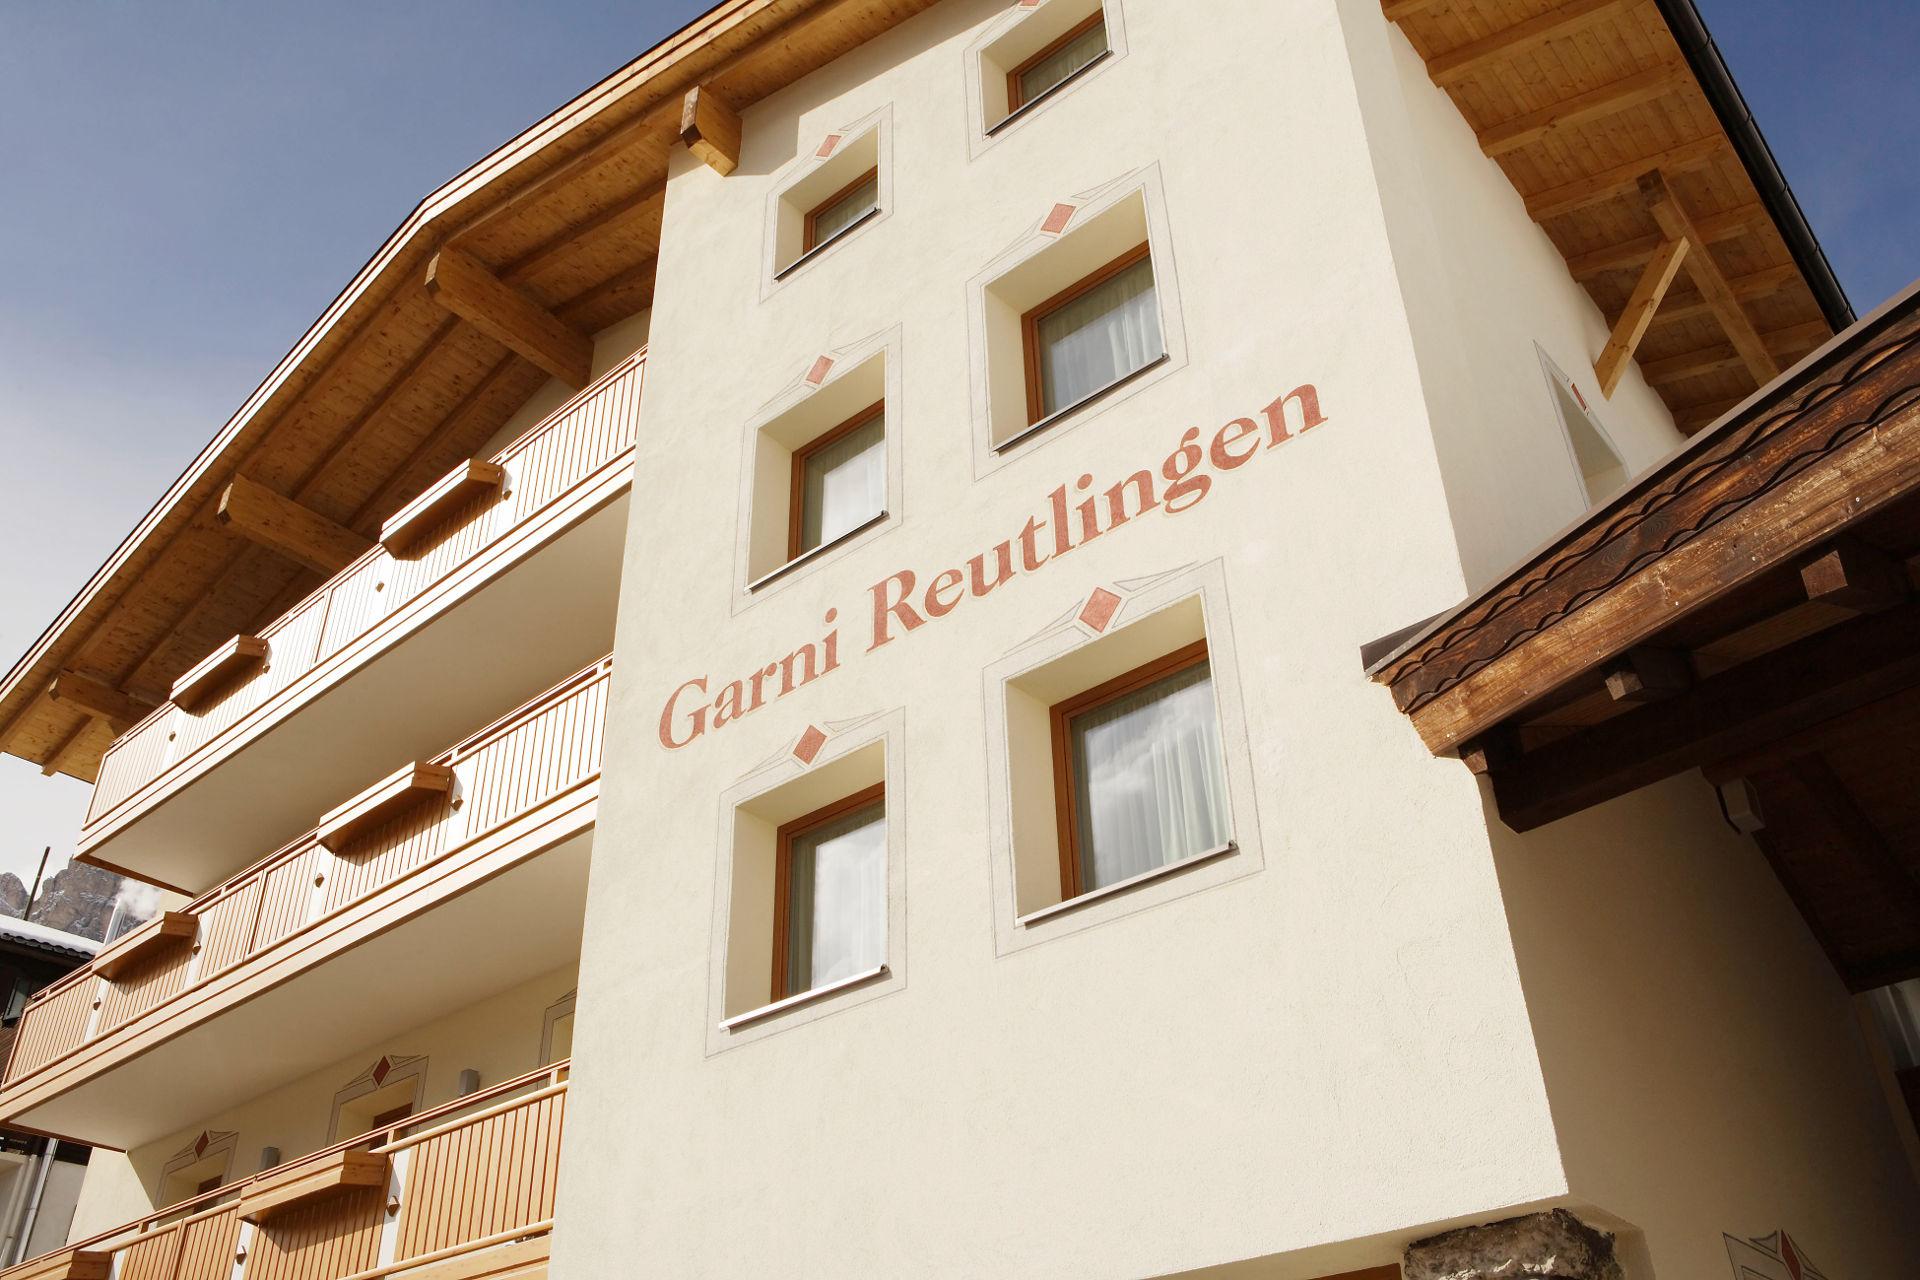 garni-reutlingen001.jpg